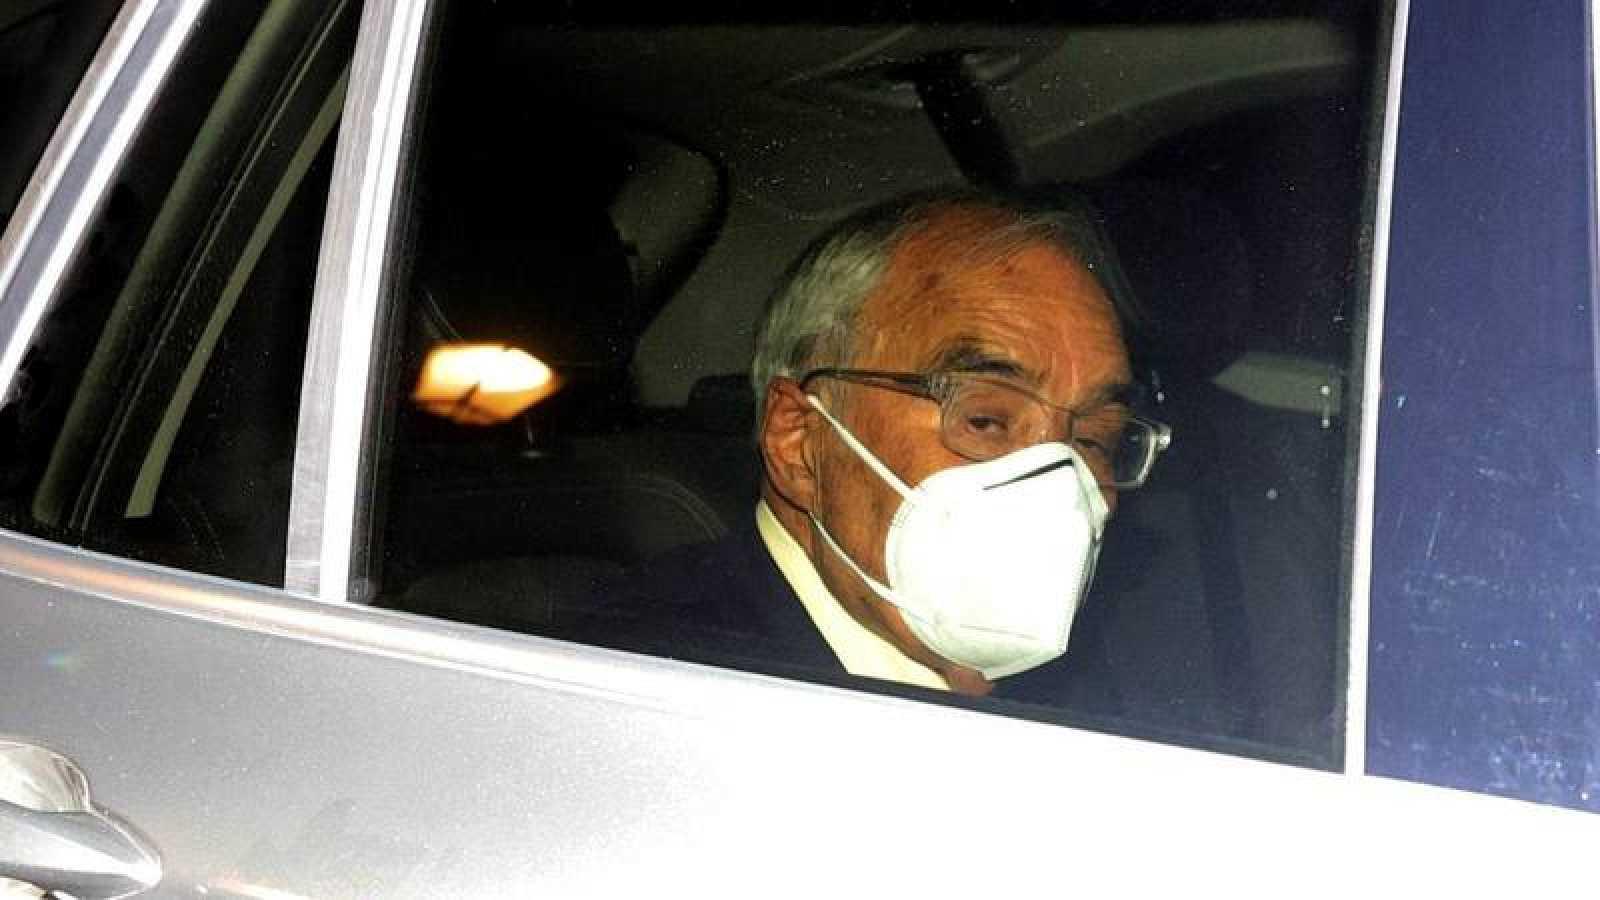 El exministro del Interior Rodolfo Martín Villa a su salida este jueves de la Embajada Argentina en Madrid